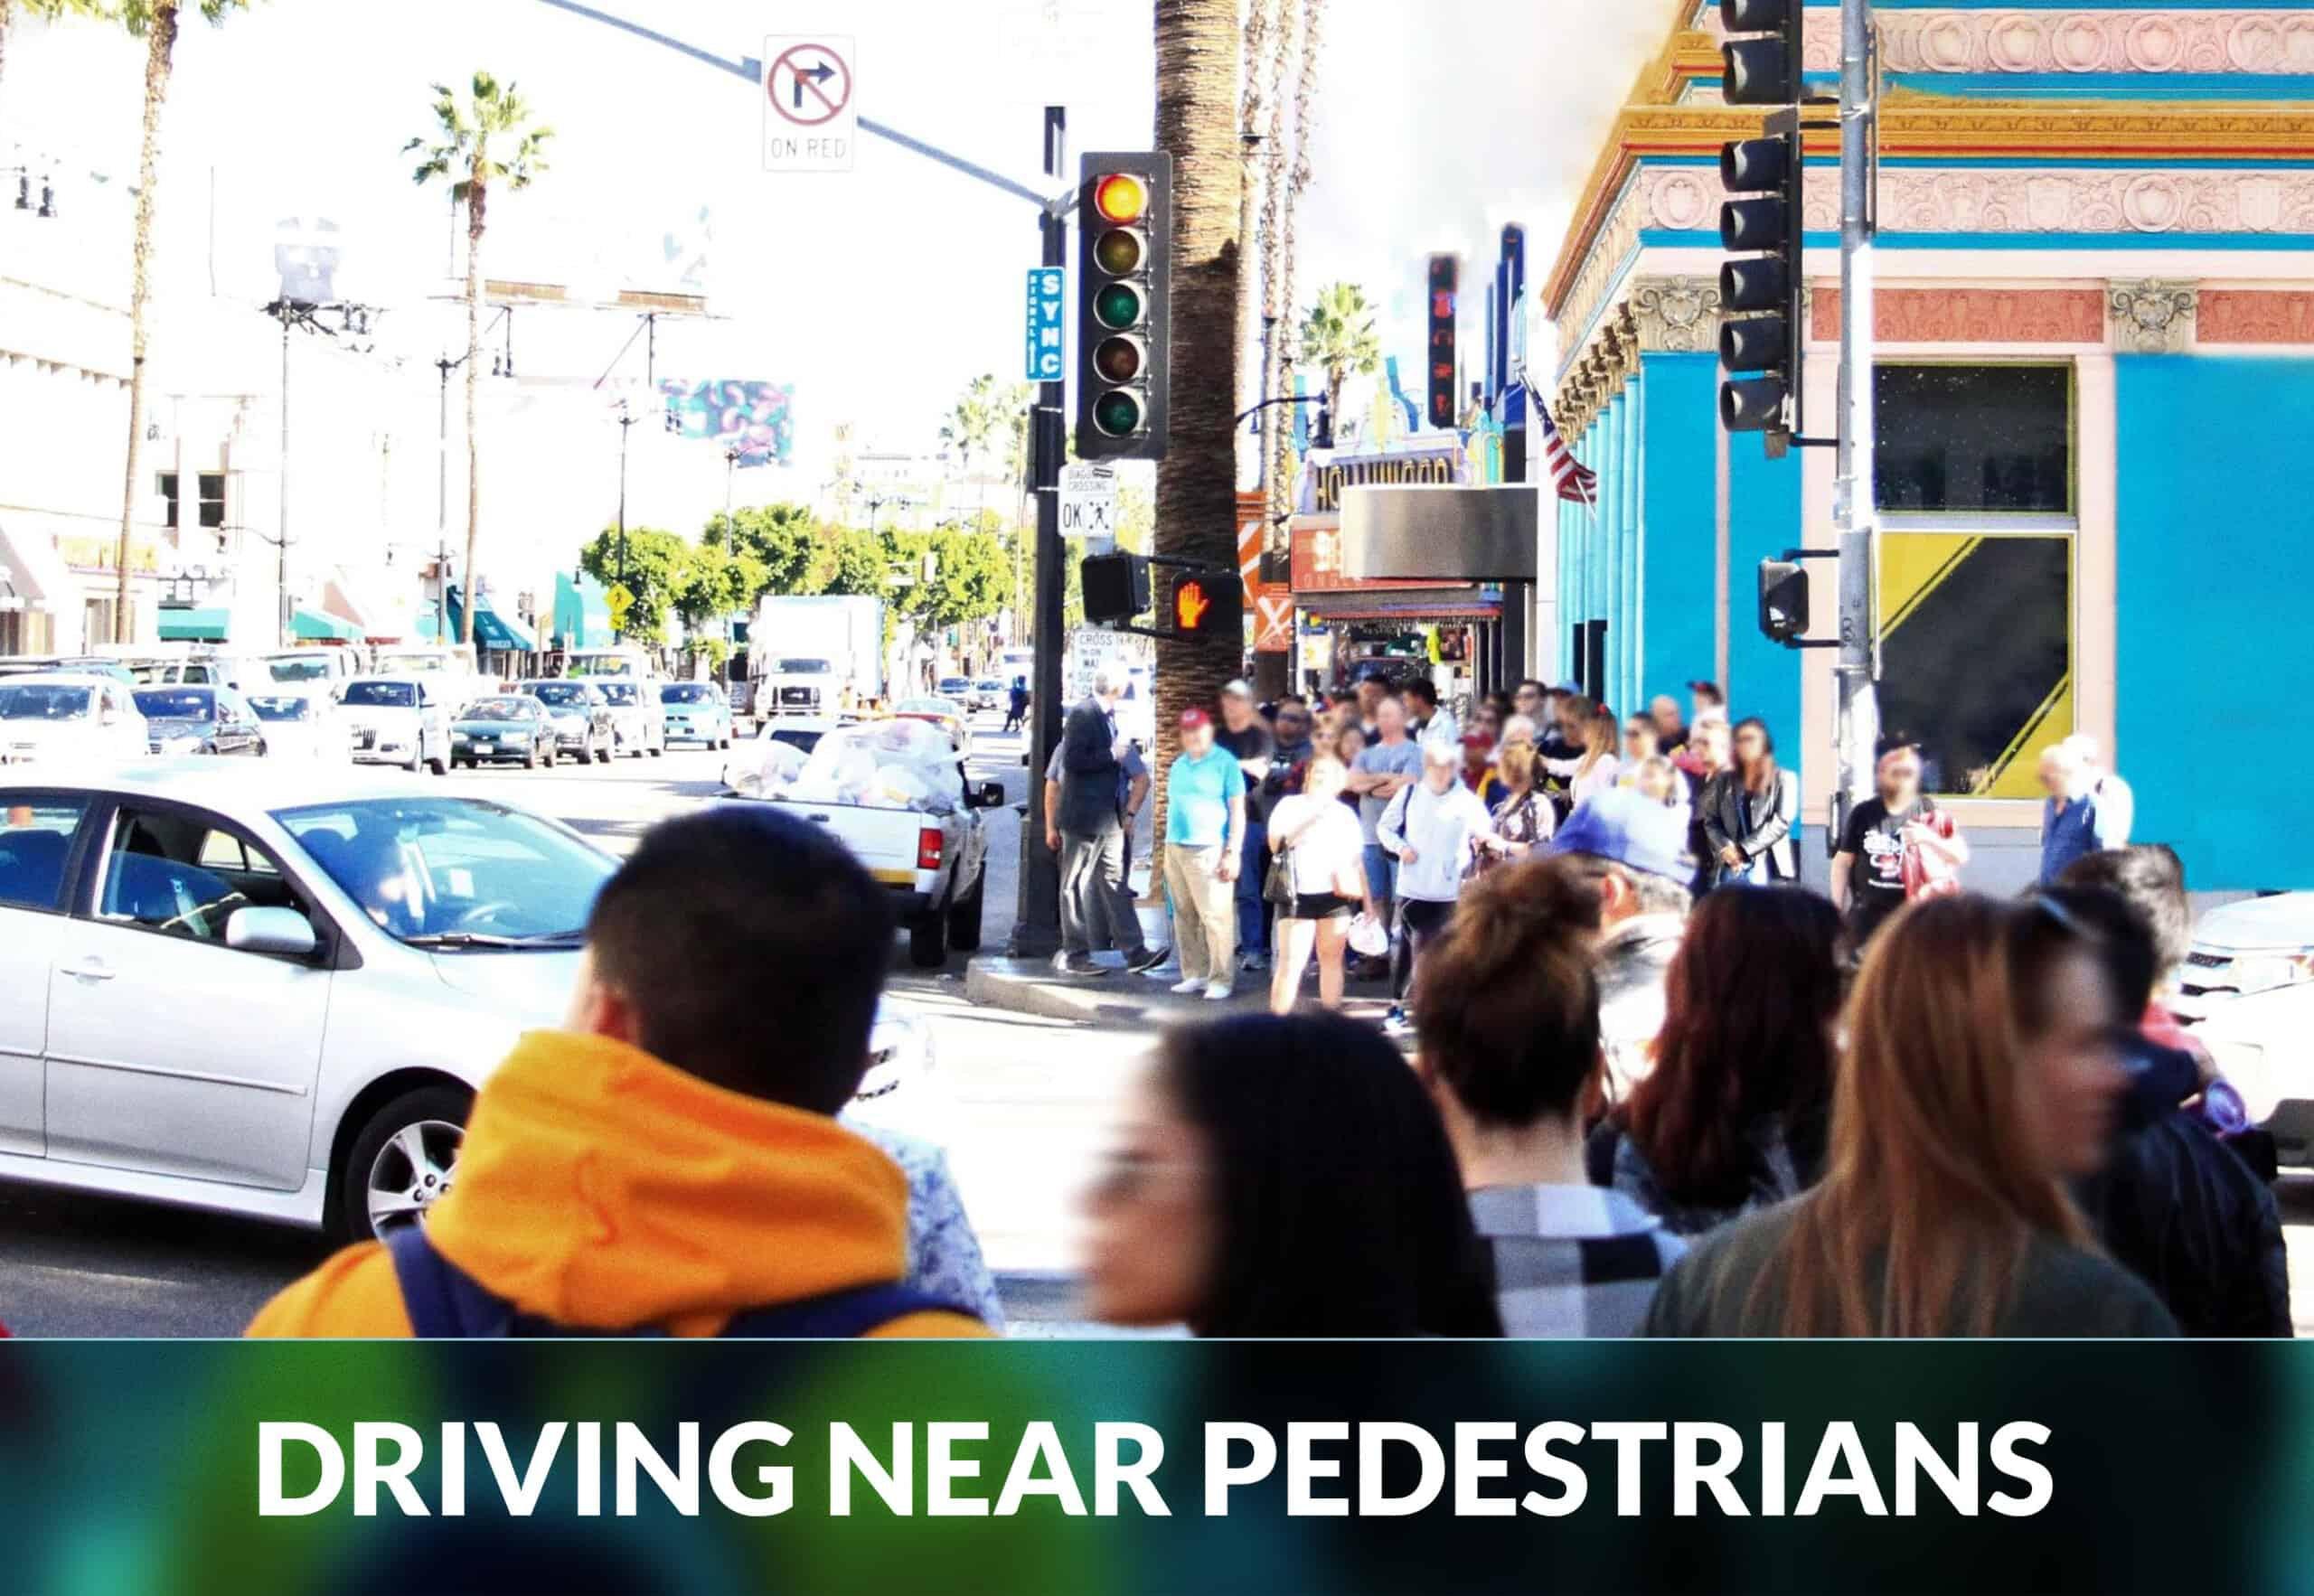 DRIVING NEAR PEDESTRIANS